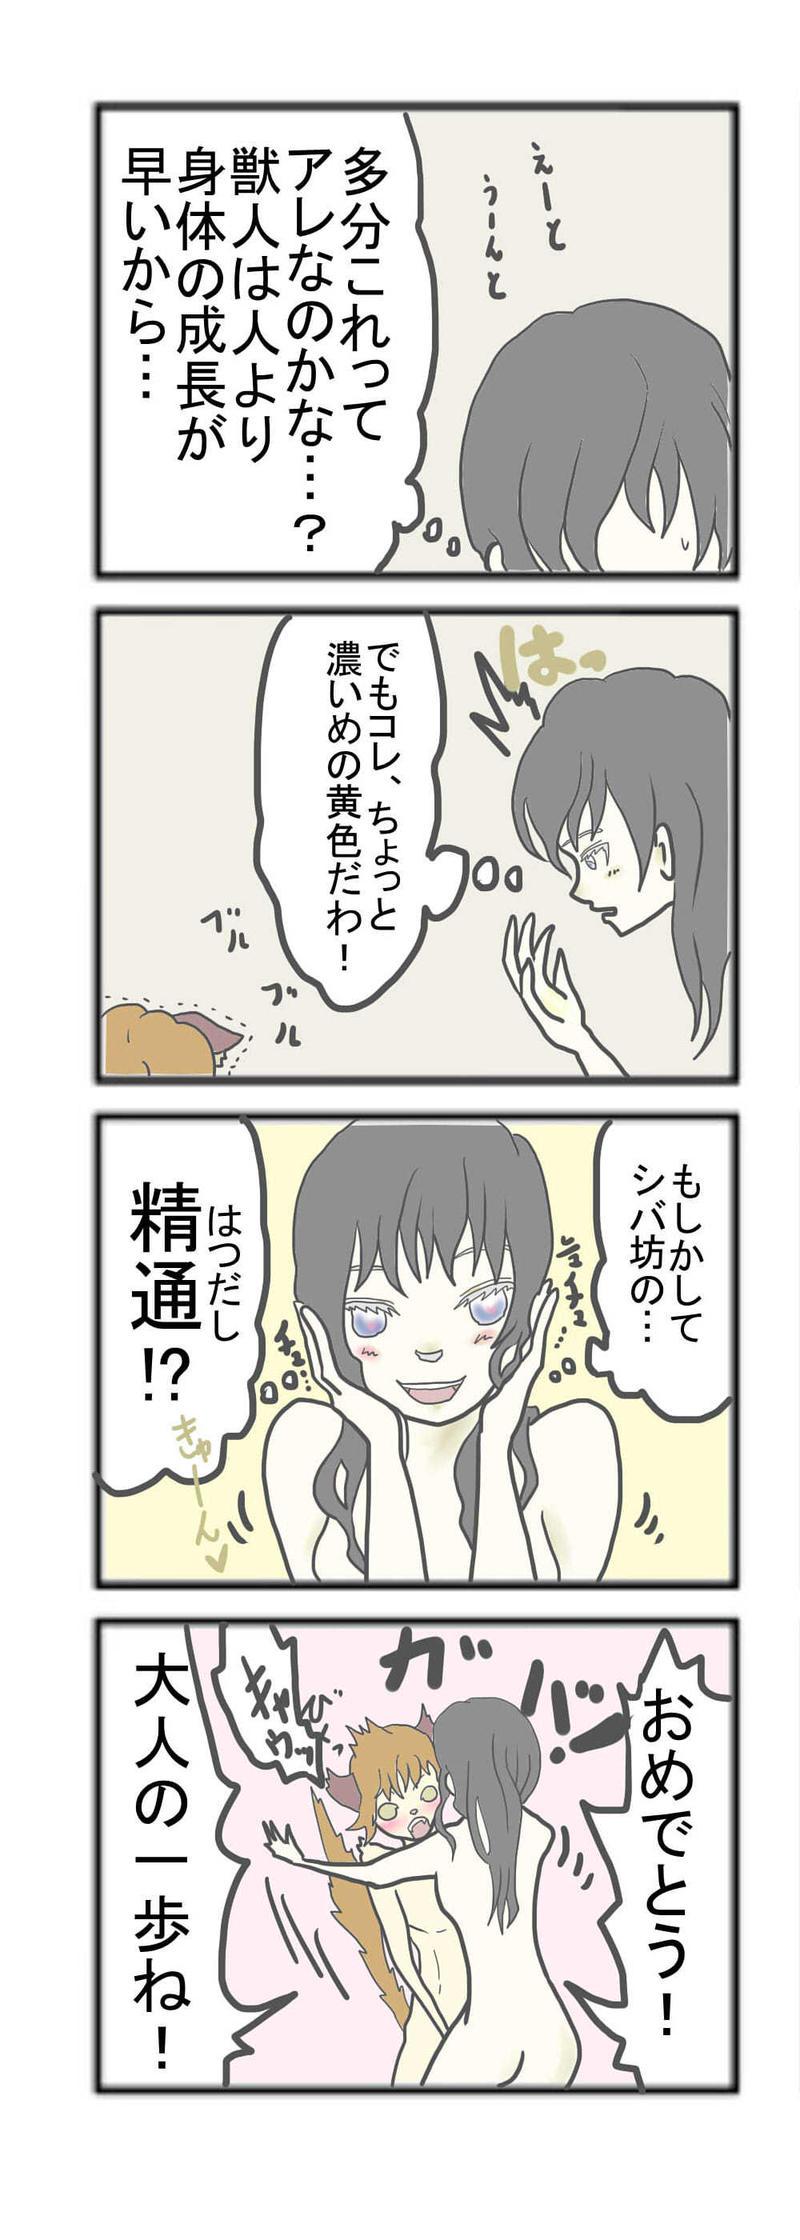 #14 『ある日のシバ』